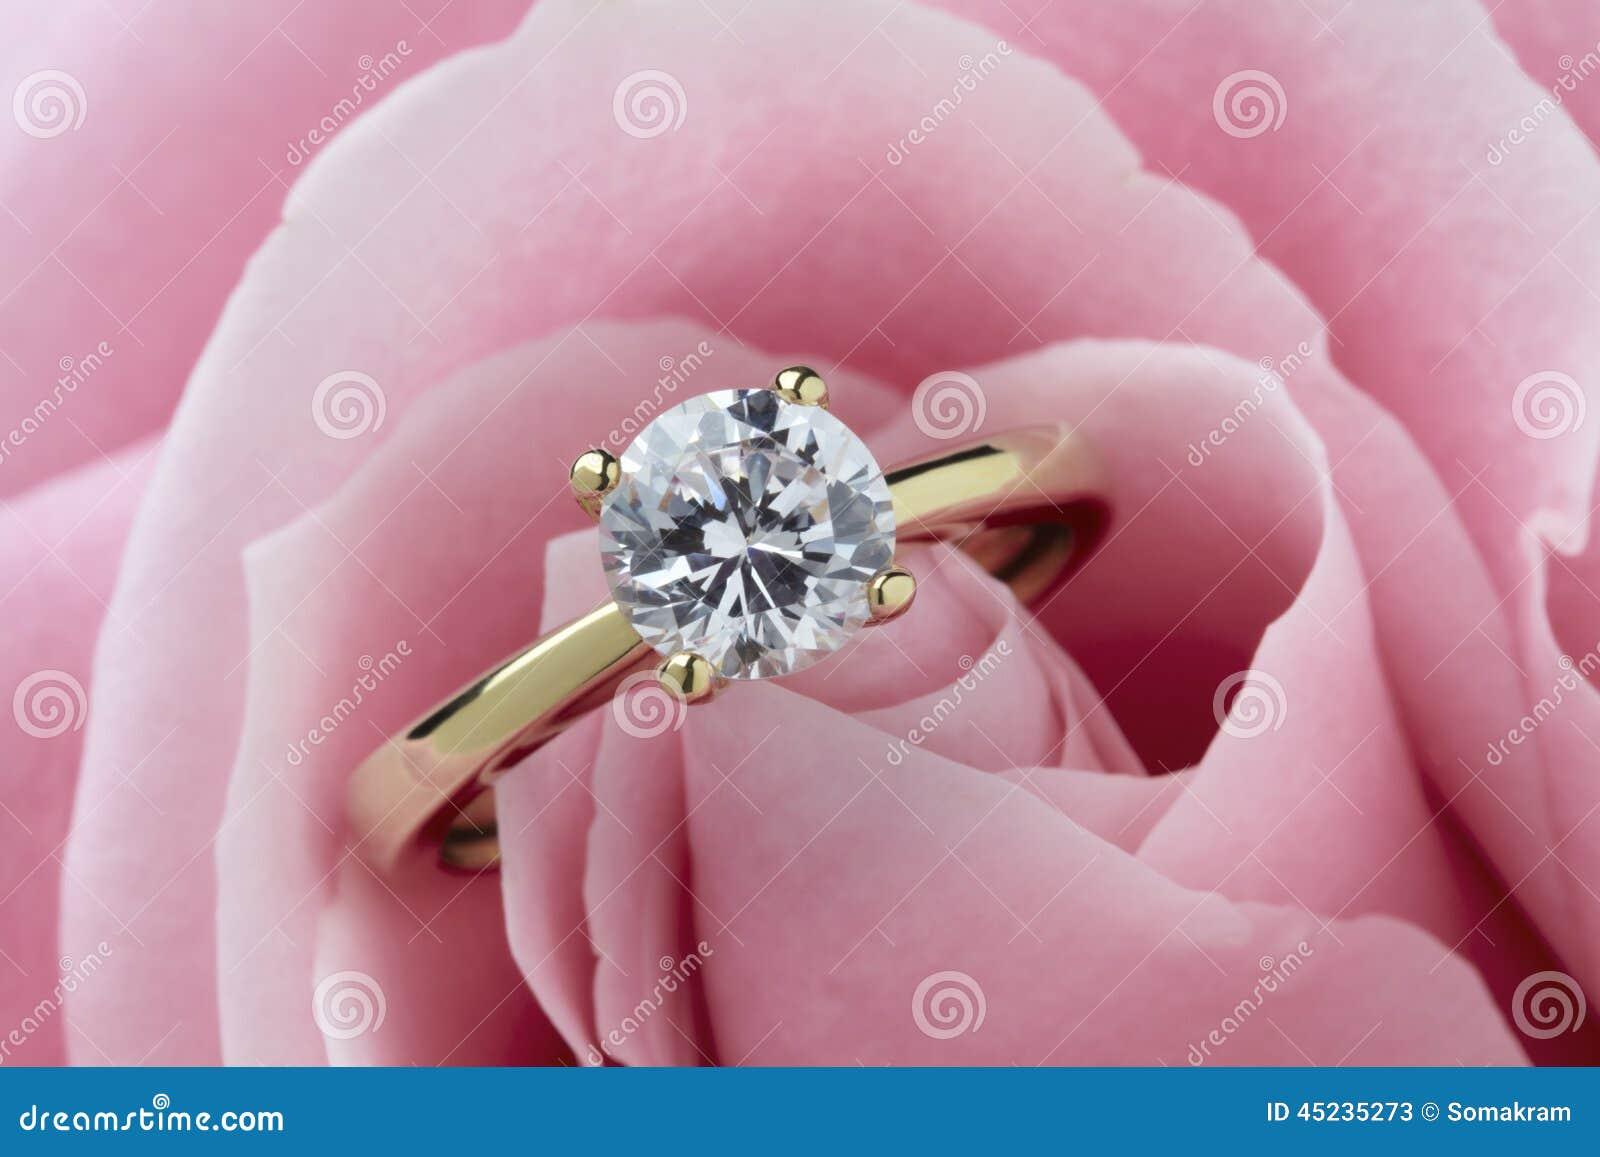 кольцо диаманта подняло